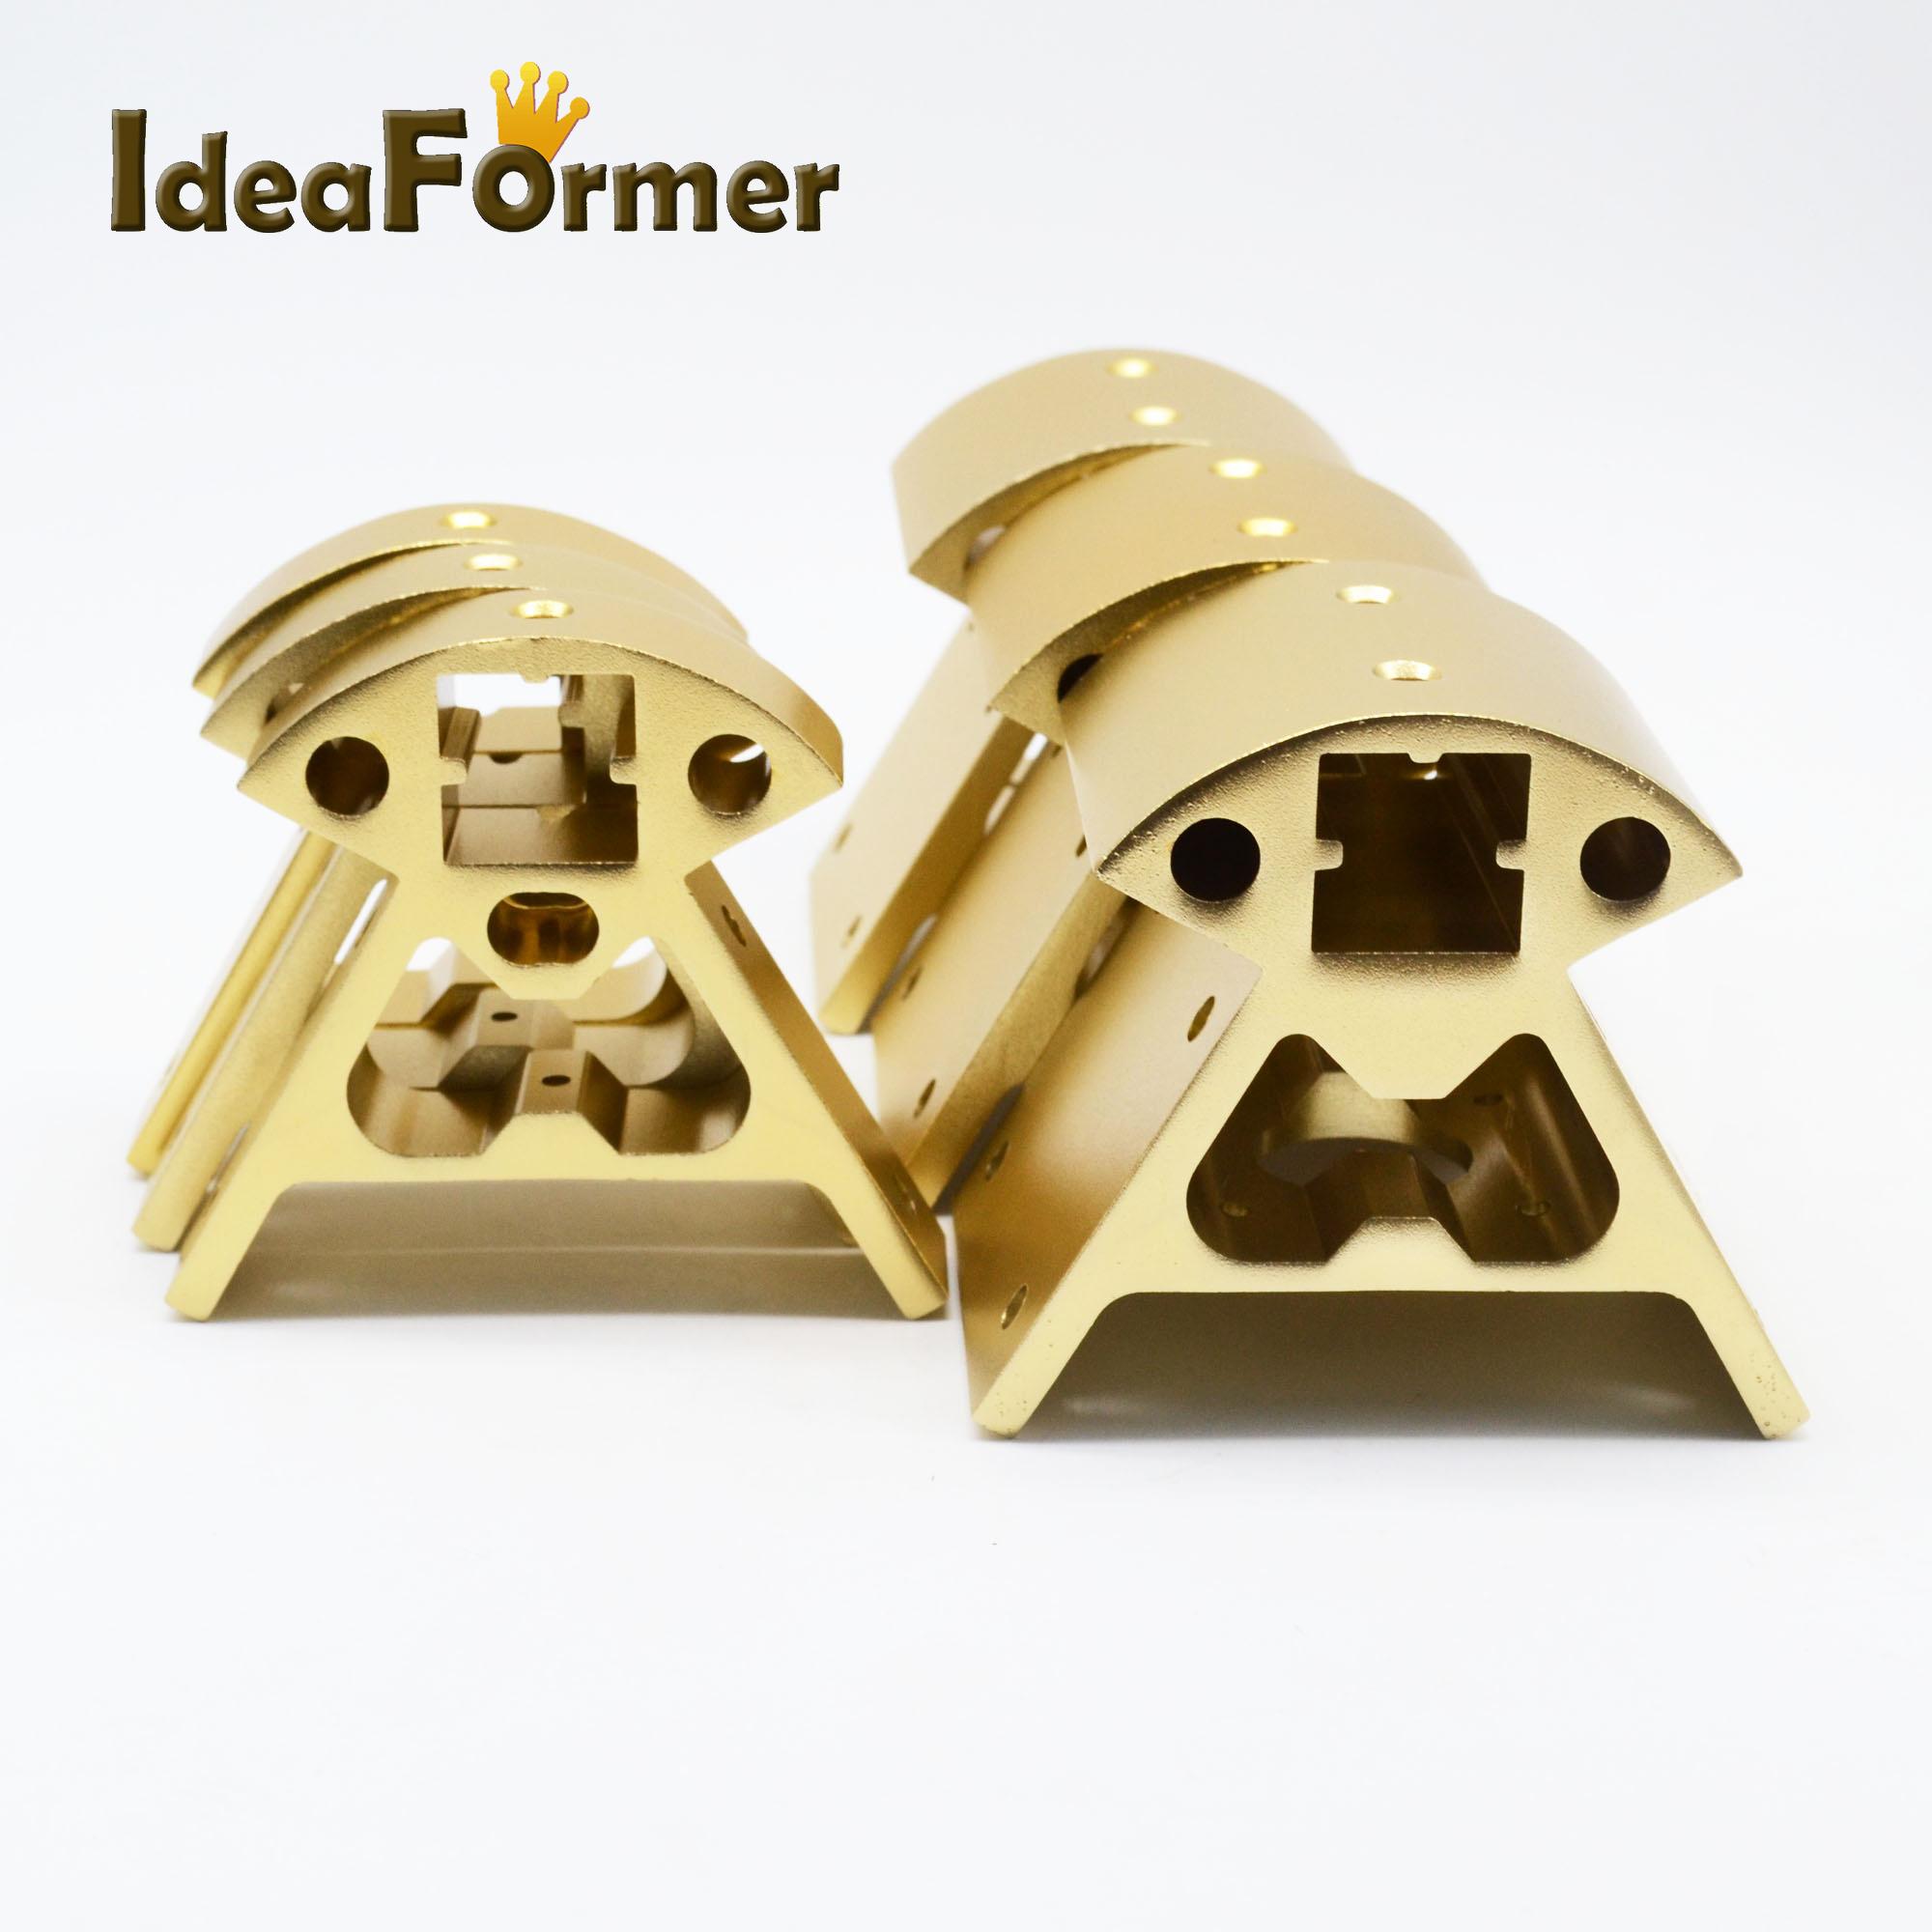 [해외]Kossel Reprap 3D 프린터 부품 고품질 3pcs bottom + 3pcs top 1 set 황금색 정점 2020 알루미늄 합금 코너/Kossel Reprap 3D printer parts high quality 3pcs bottom+3pcs top 1